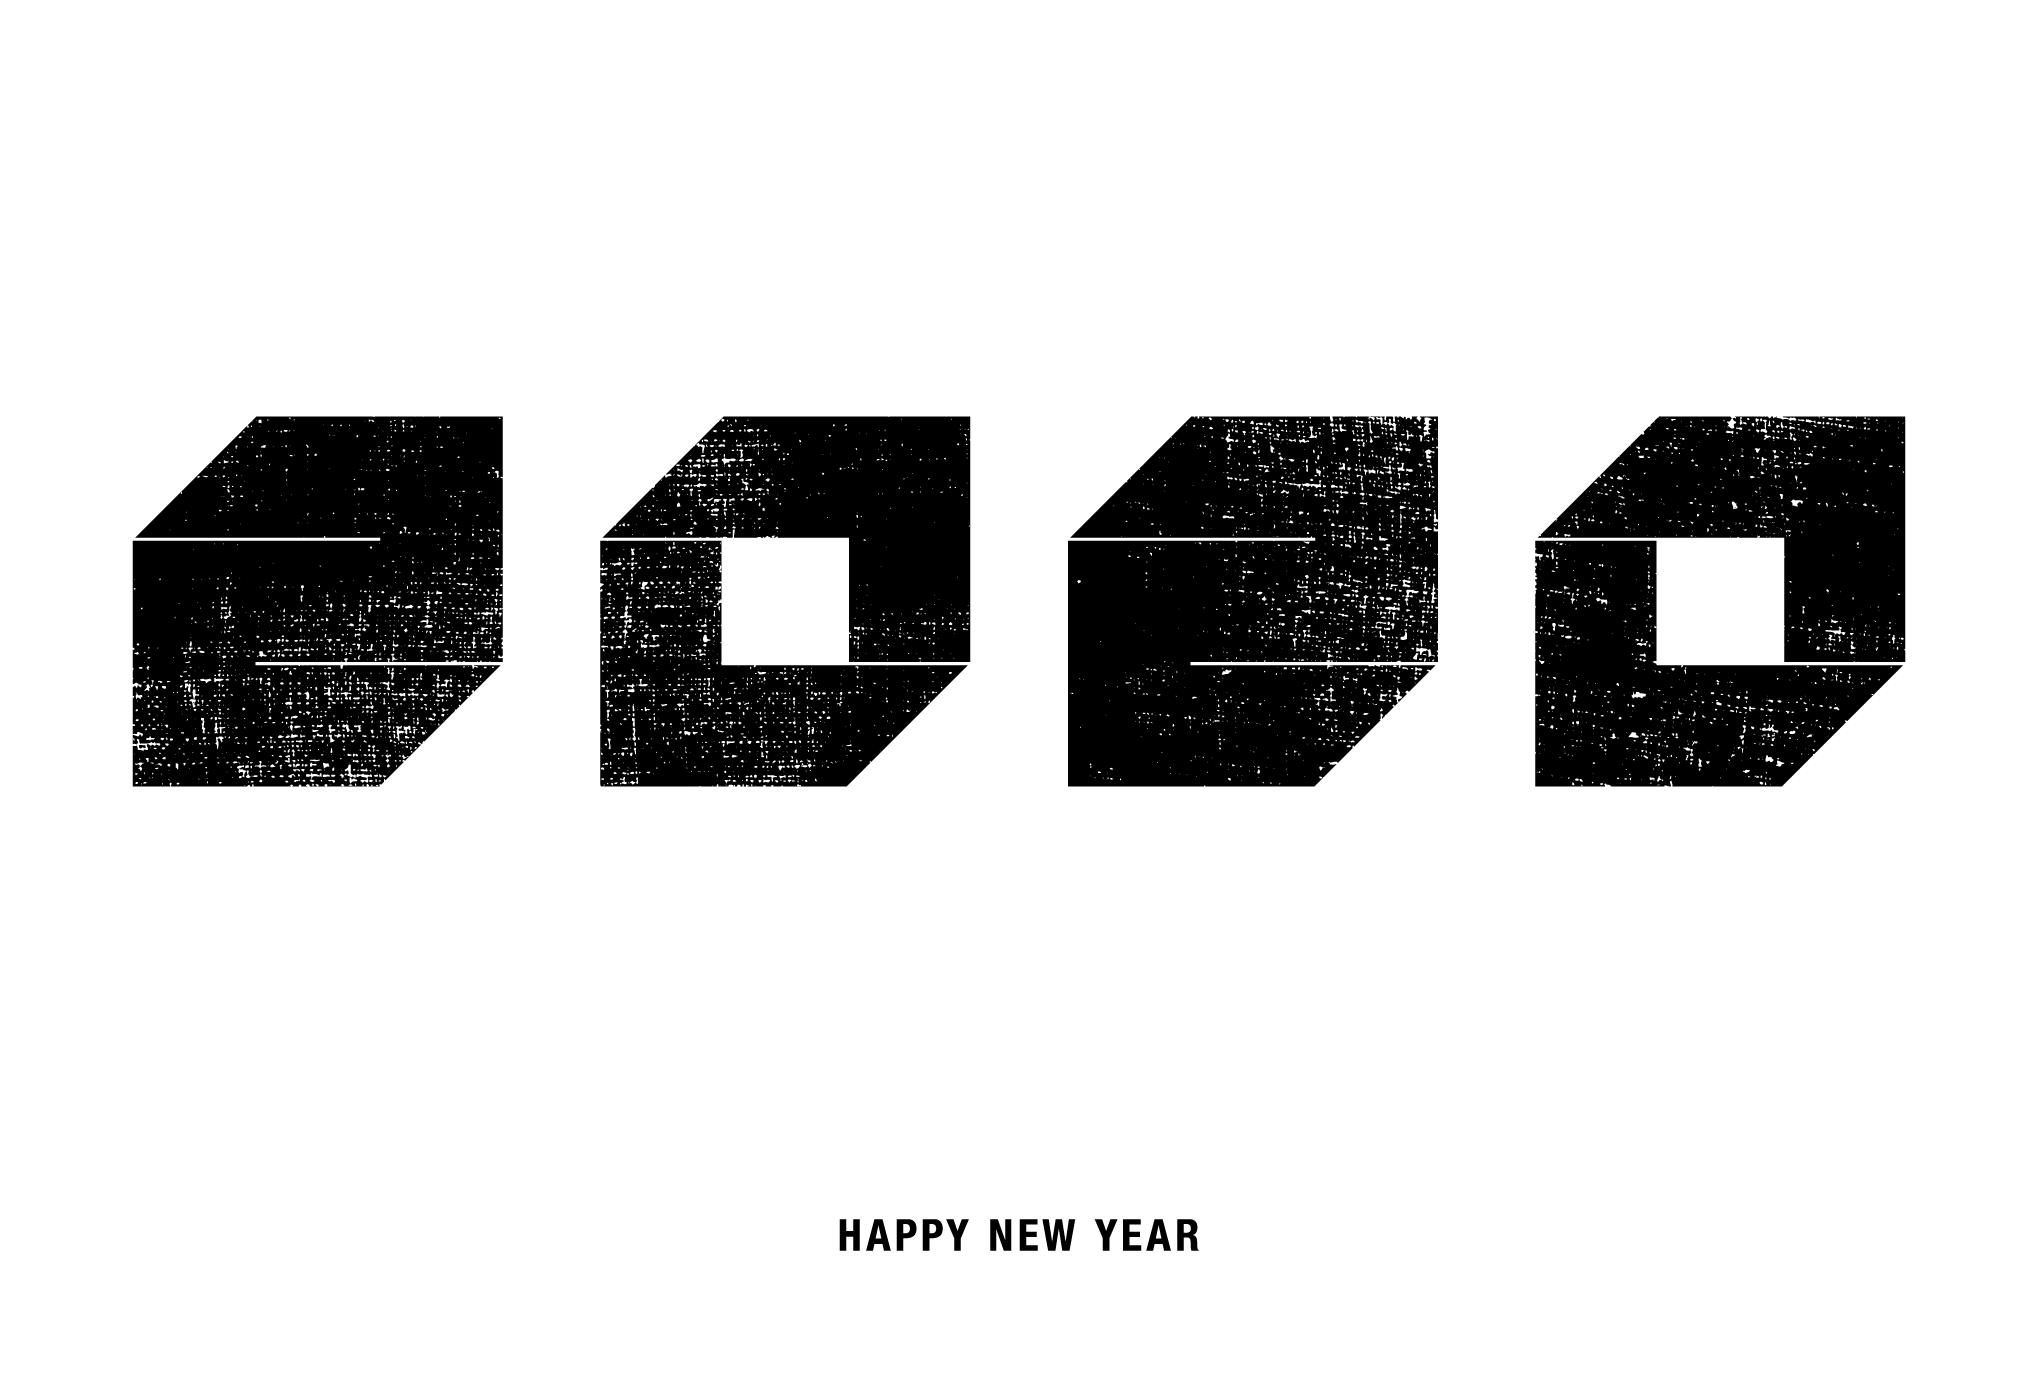 2020年賀状05-1:Square 2020 / 黒のダウンロード画像